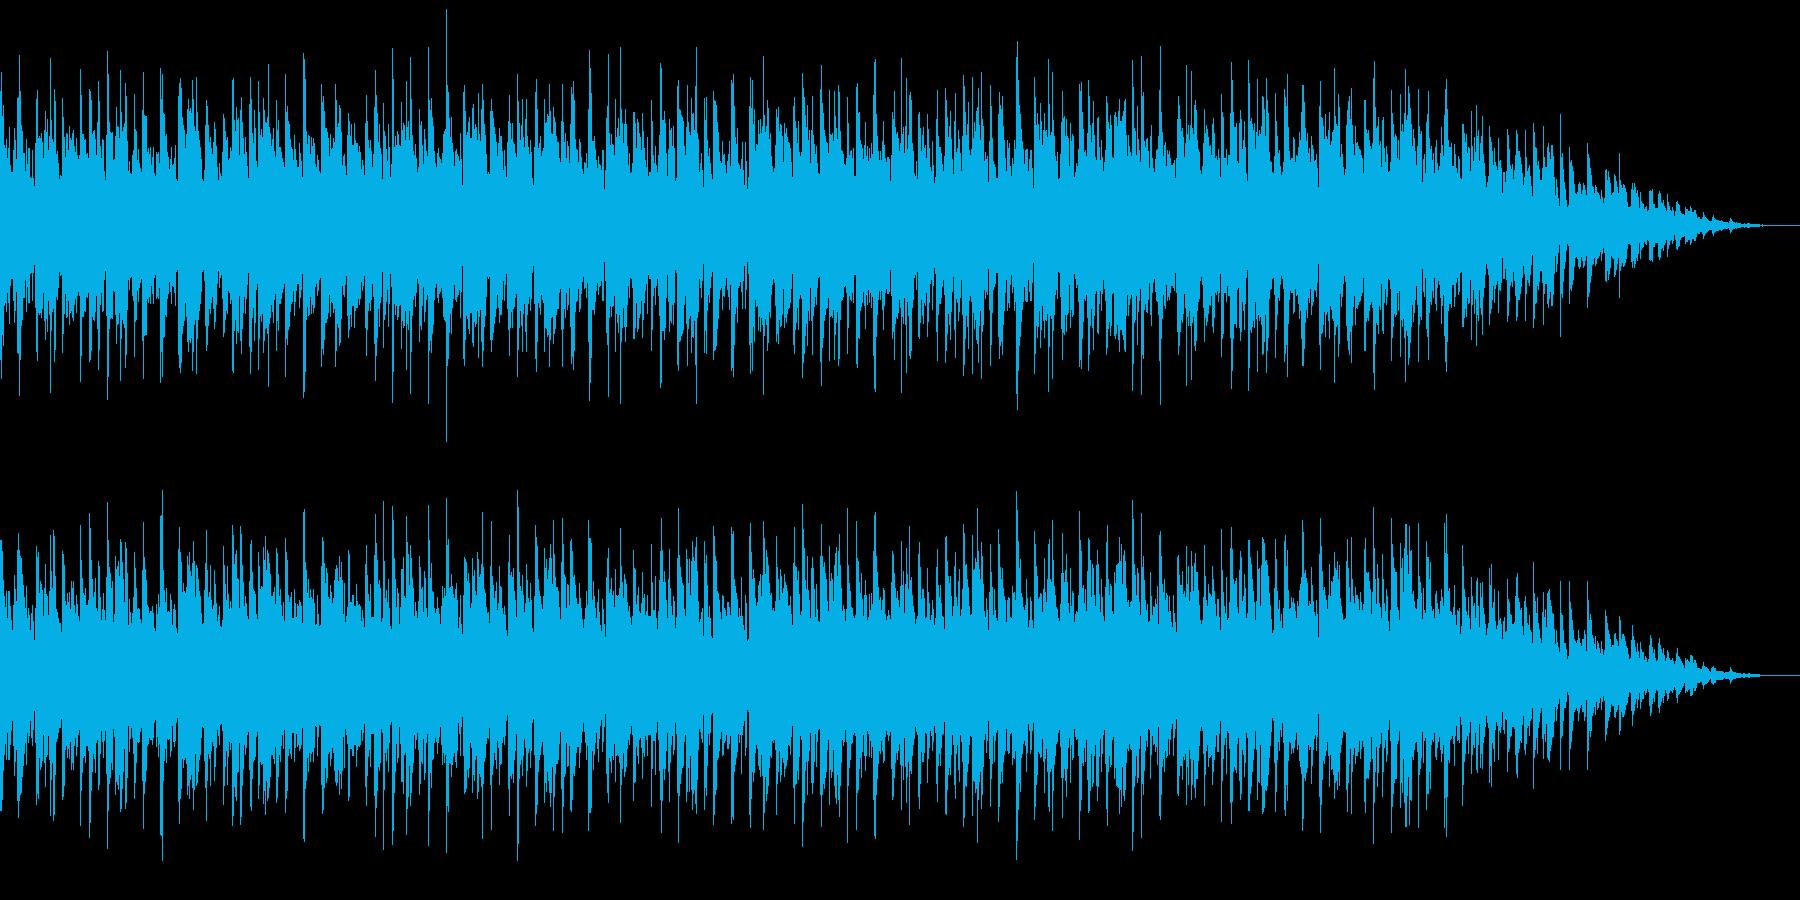 踊りたくなるような軽快なサウンドの再生済みの波形